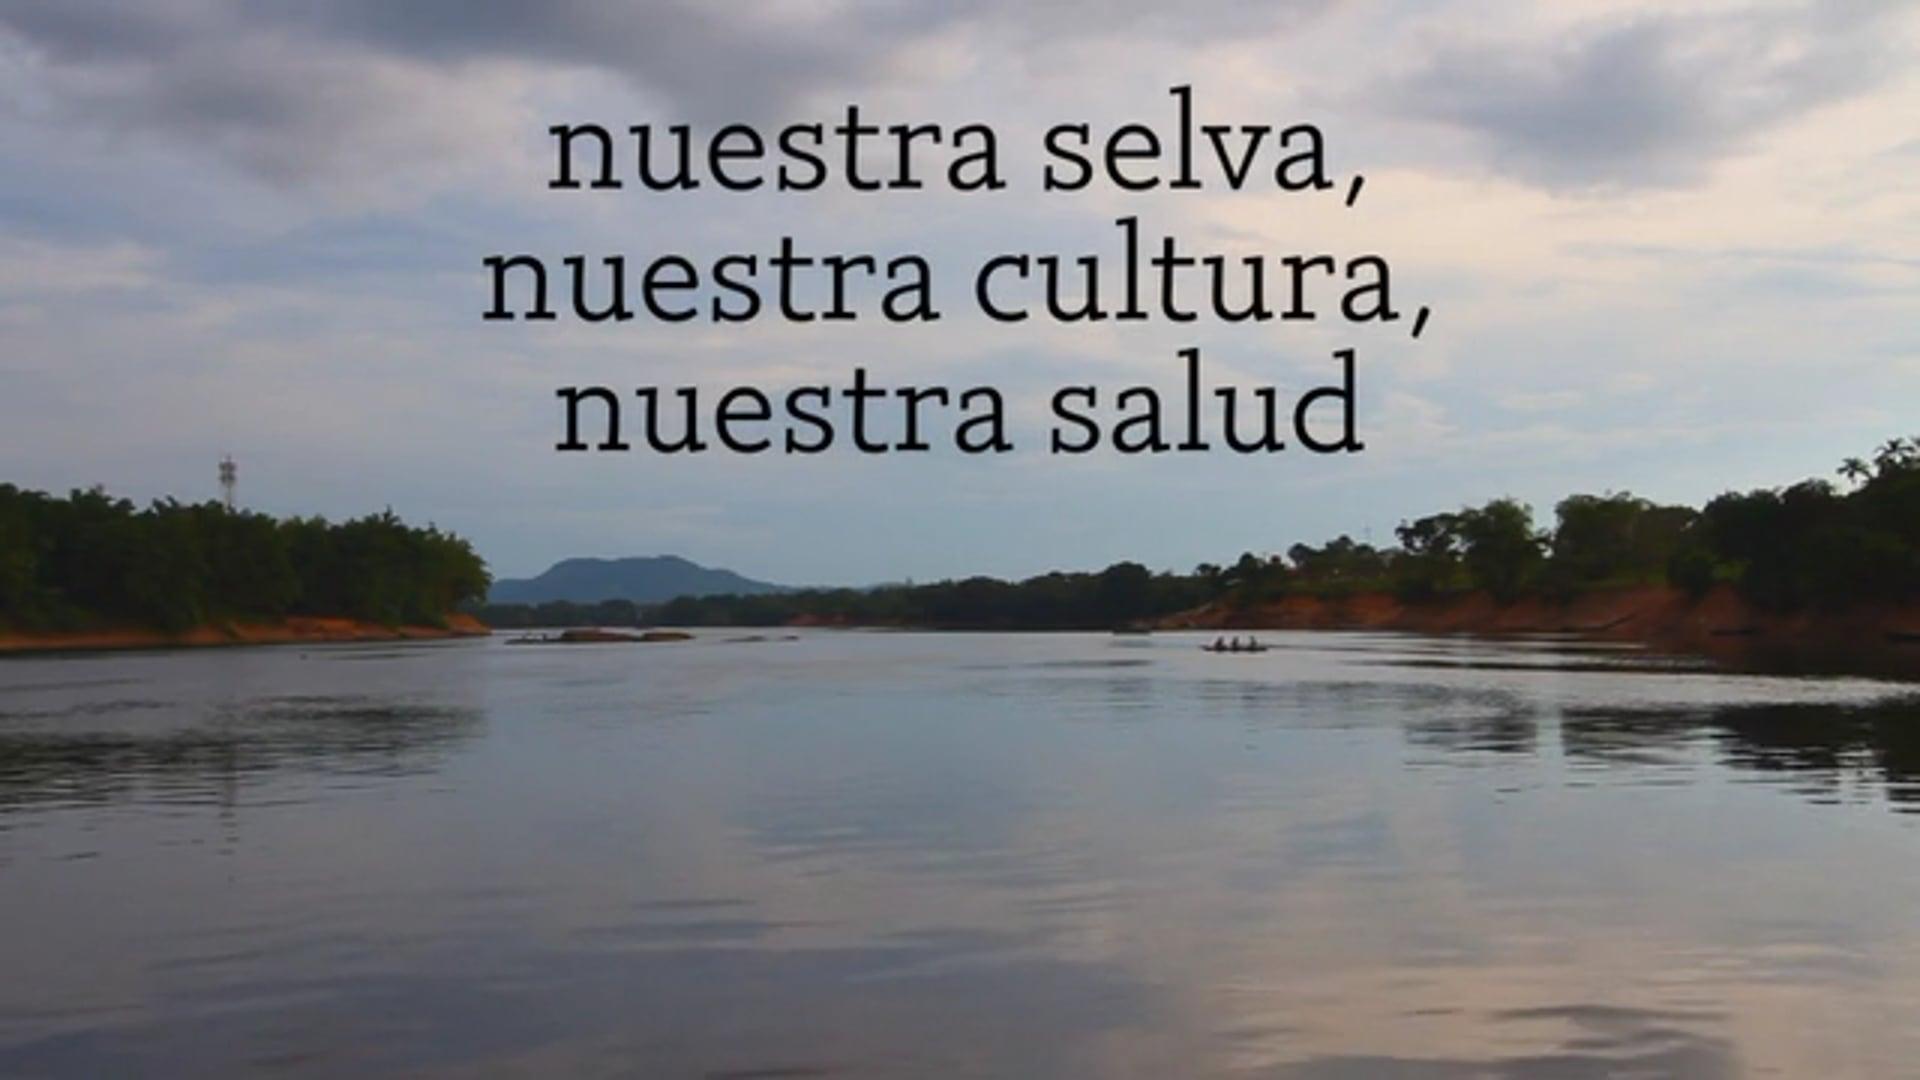 Nuestra selva, nuestra cultura, nuestra salud